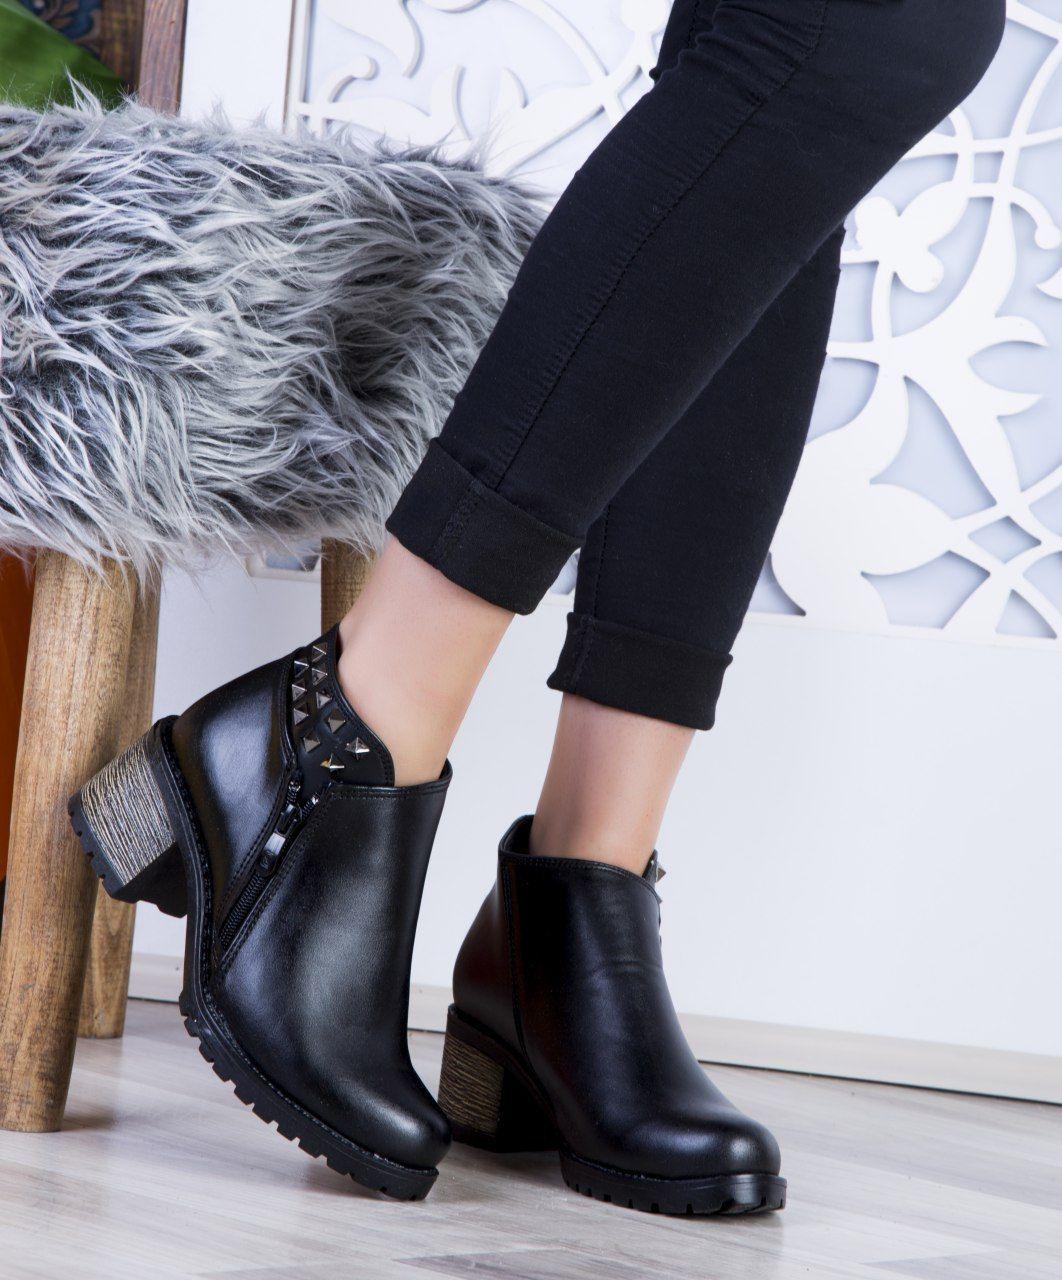 مدل کفش های پاشنه بلند، مدل کفش های پاشنه بلند با حال، مدل کفش های پاشنه بلند با مزه، مدل کفش های پاشنه بلند جالب، مدل کفش های پاشنه بلند زنانه، مدل کفش های پاشنه بلند زیبا، مدل کفش های پاشنه بلند شیک، مدل کفش های پاشنه بلند نومنه